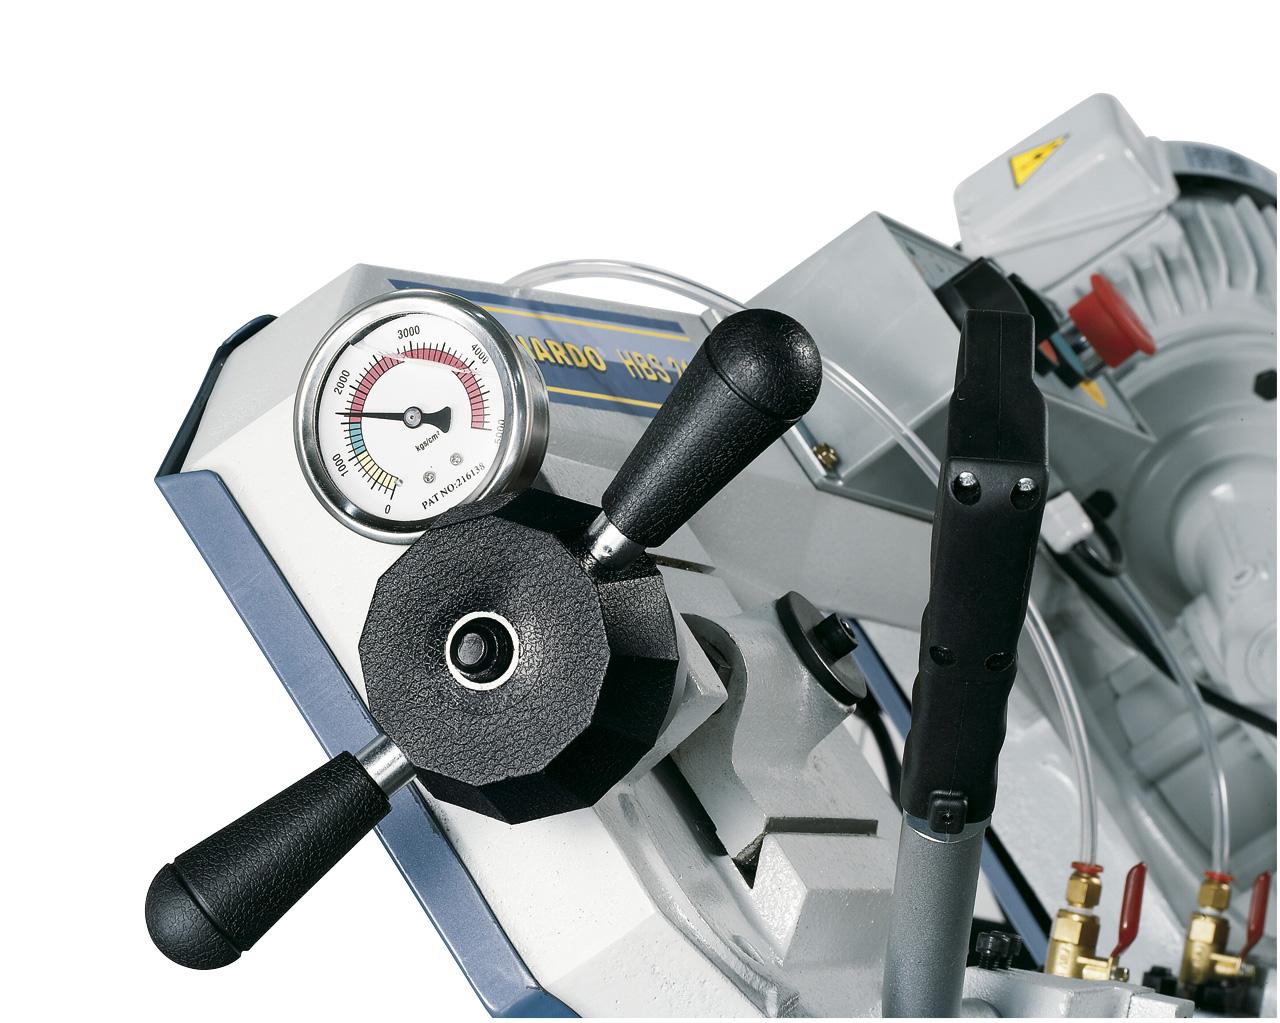 Optimales Einstellen der Sägebandspannung mittels Manometer.